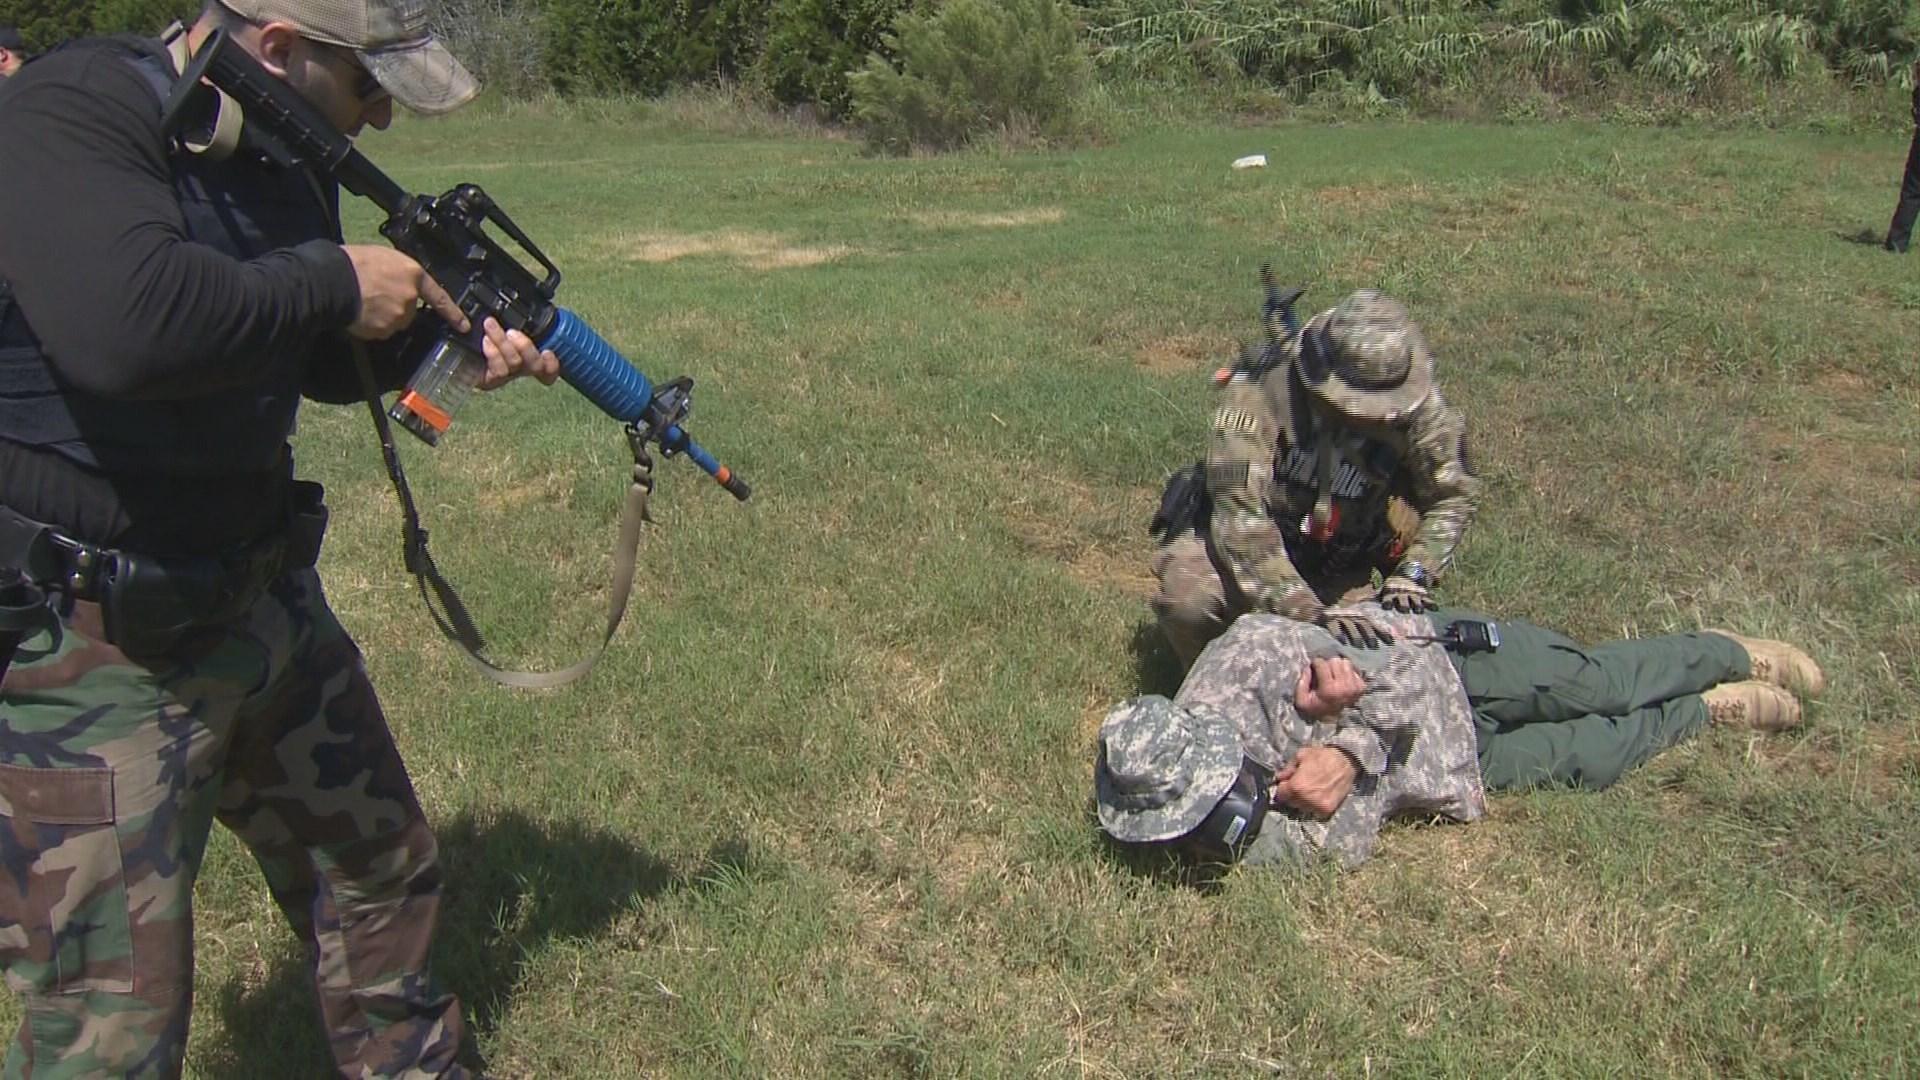 Active Shooter 'ALERRT' Training - tactical-life.com